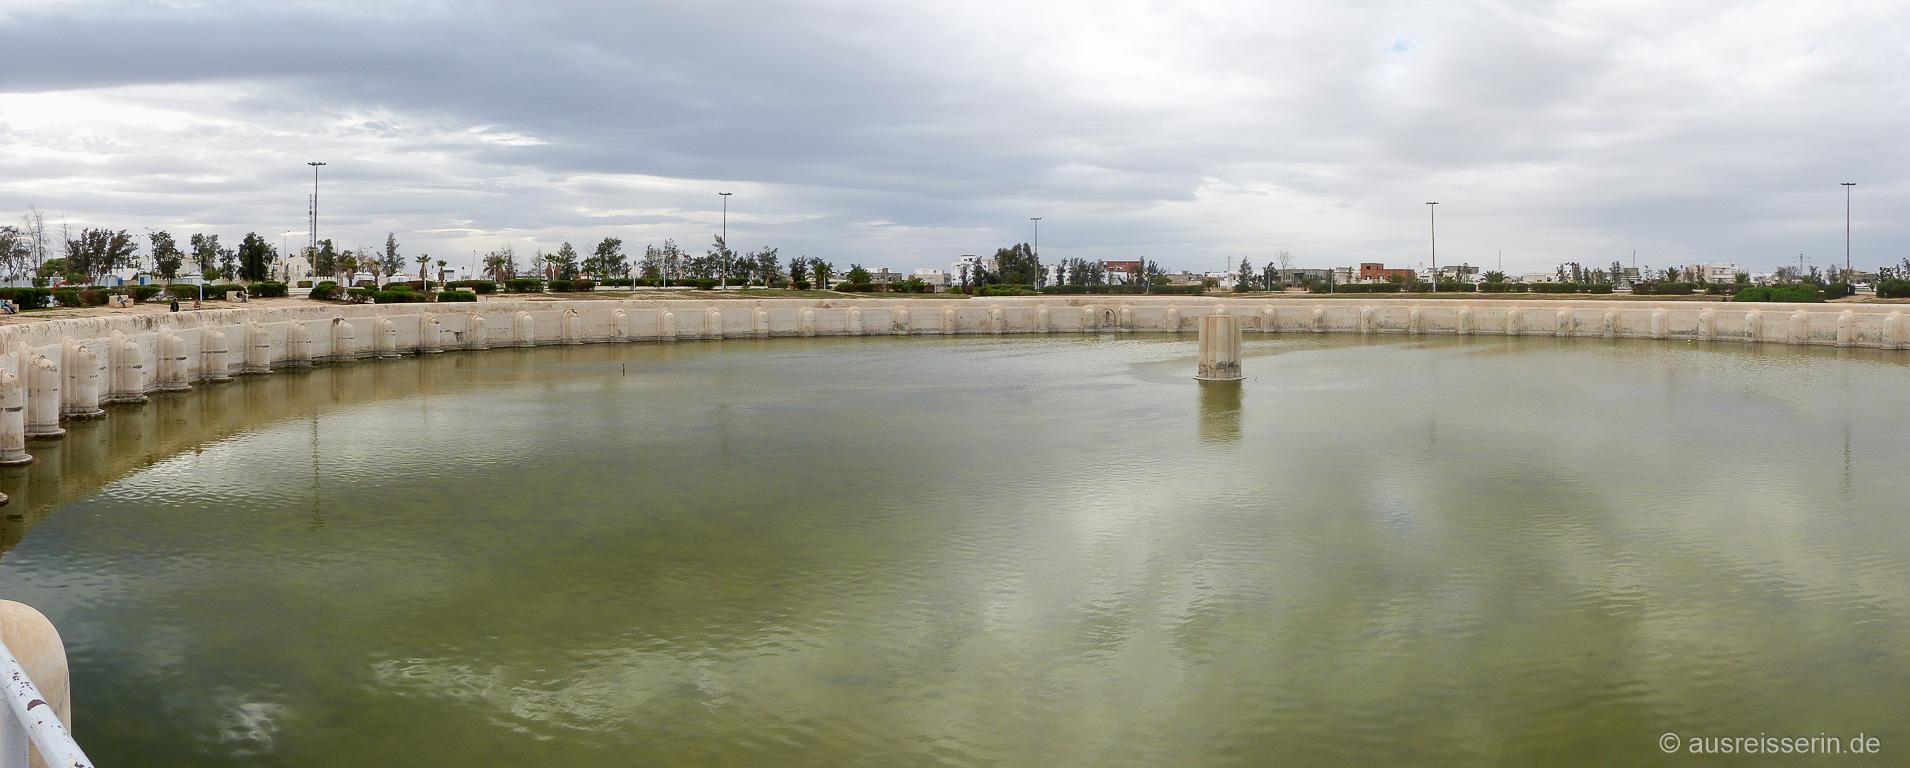 Wasserbecken der Aghlabiden aus dem 9. Jahrhundert